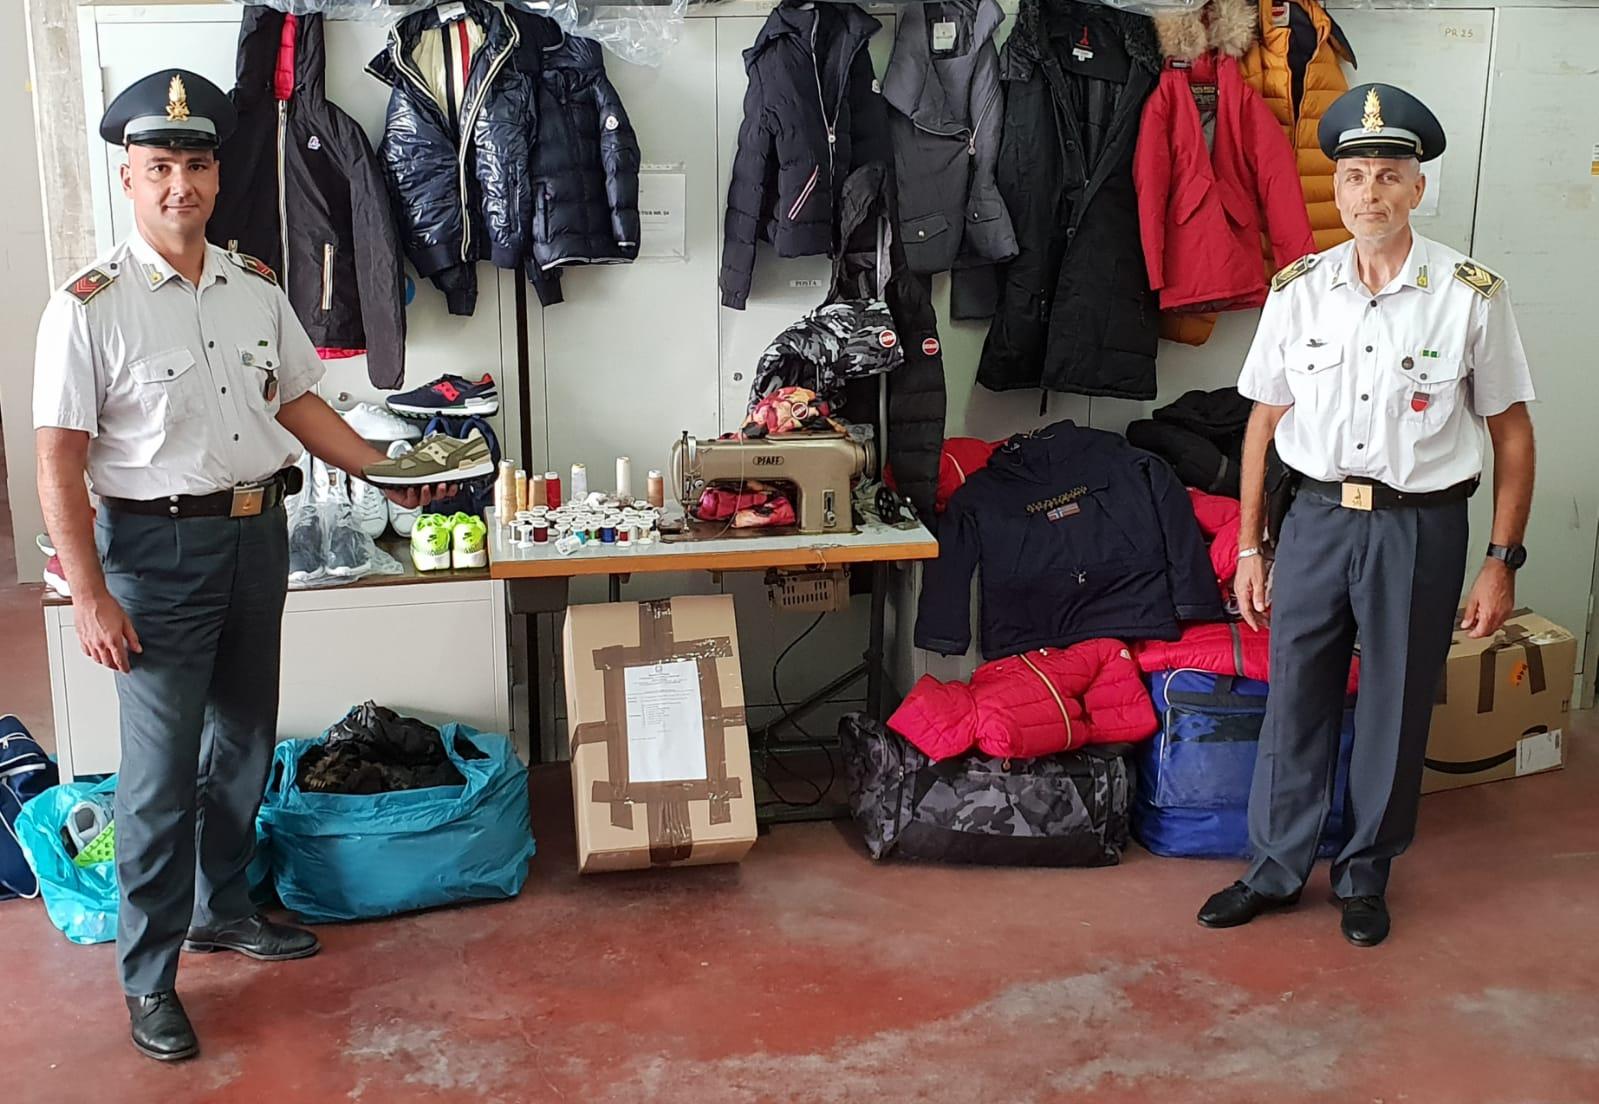 dcc564a6e515 Scoperti veri e propri laboratori del falso e depositi di merce contraffatta:  3mila articoli sequestrati tra abbigliamento, calzature, etichette e  accessori ...